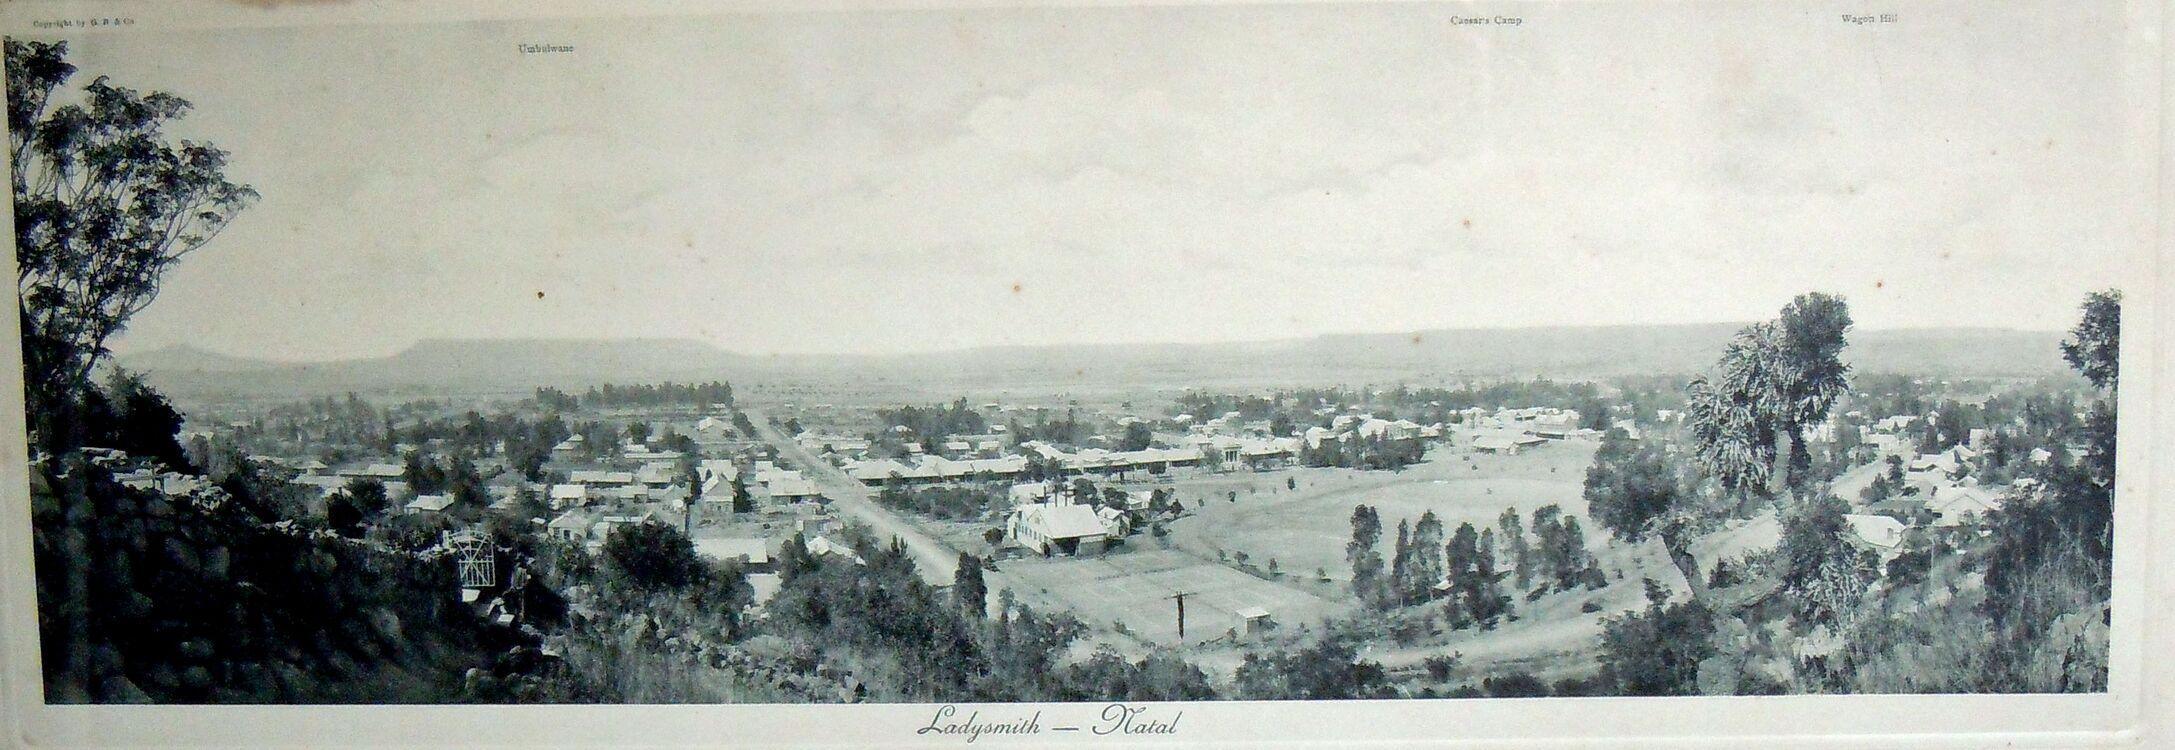 Ladysmith c.1905.jpg